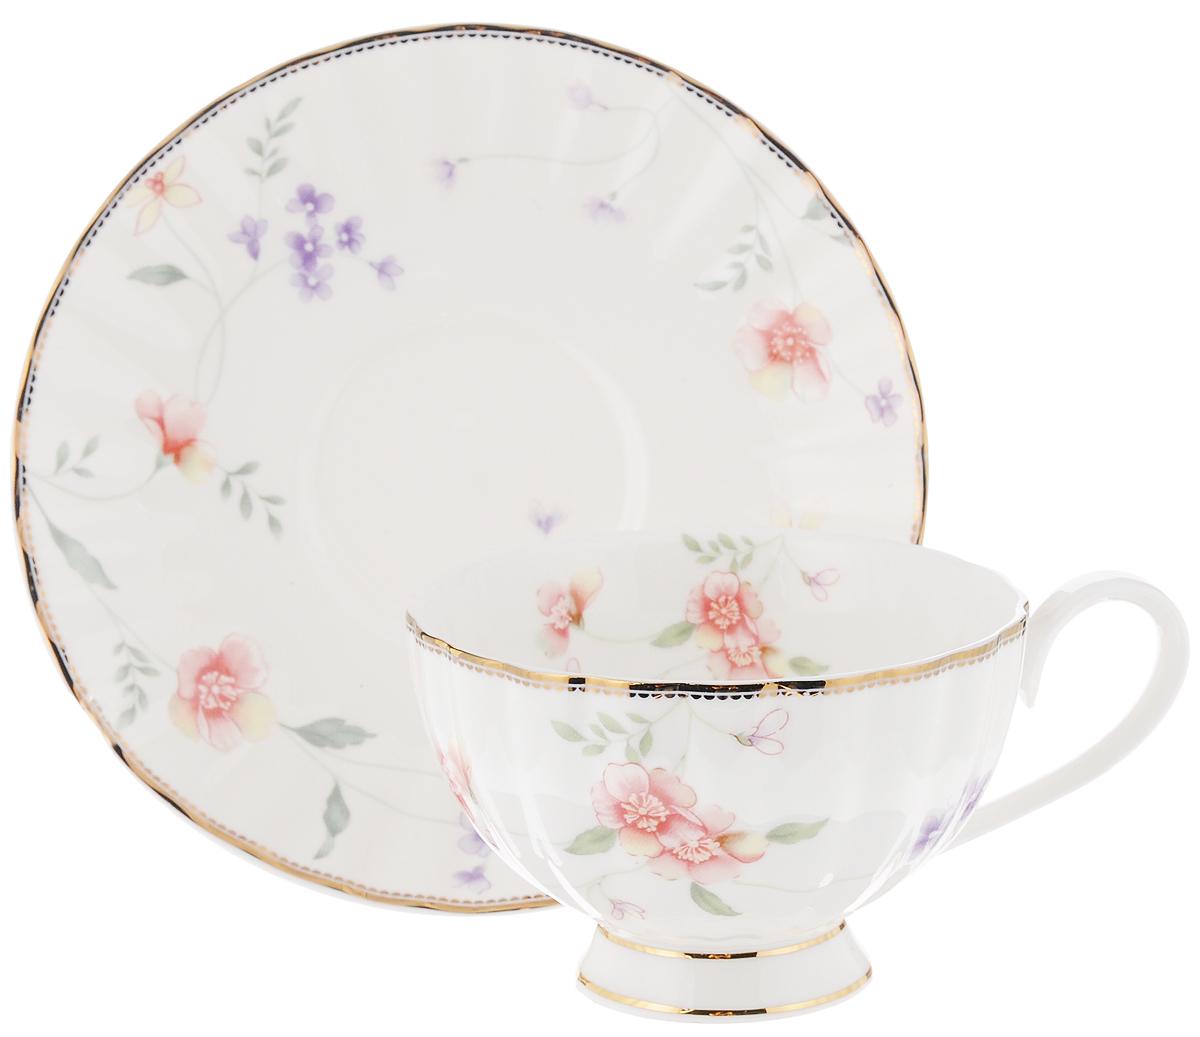 Чайная пара Флер, 2 предмета115510Чайный набор Флер, выполненный из высококачественного костяного фарфора, состоит из чашки и блюдца. Изделия выполнены в цветочном дизайне и декорированы золотистым ободком. Чайная пара - идеальный подарок для вашего дома и для ваших друзей в праздники, юбилеи и торжества. Она также станет отличным украшением любой кухни. Набор упакован в подарочную коробку. Объем чашки: 210 мл Диаметр чашки по верхнему краю: 9,7 см Высота чашки: 6 смДиаметр блюдца: 15,5 см Высота блюдца: 2 см.